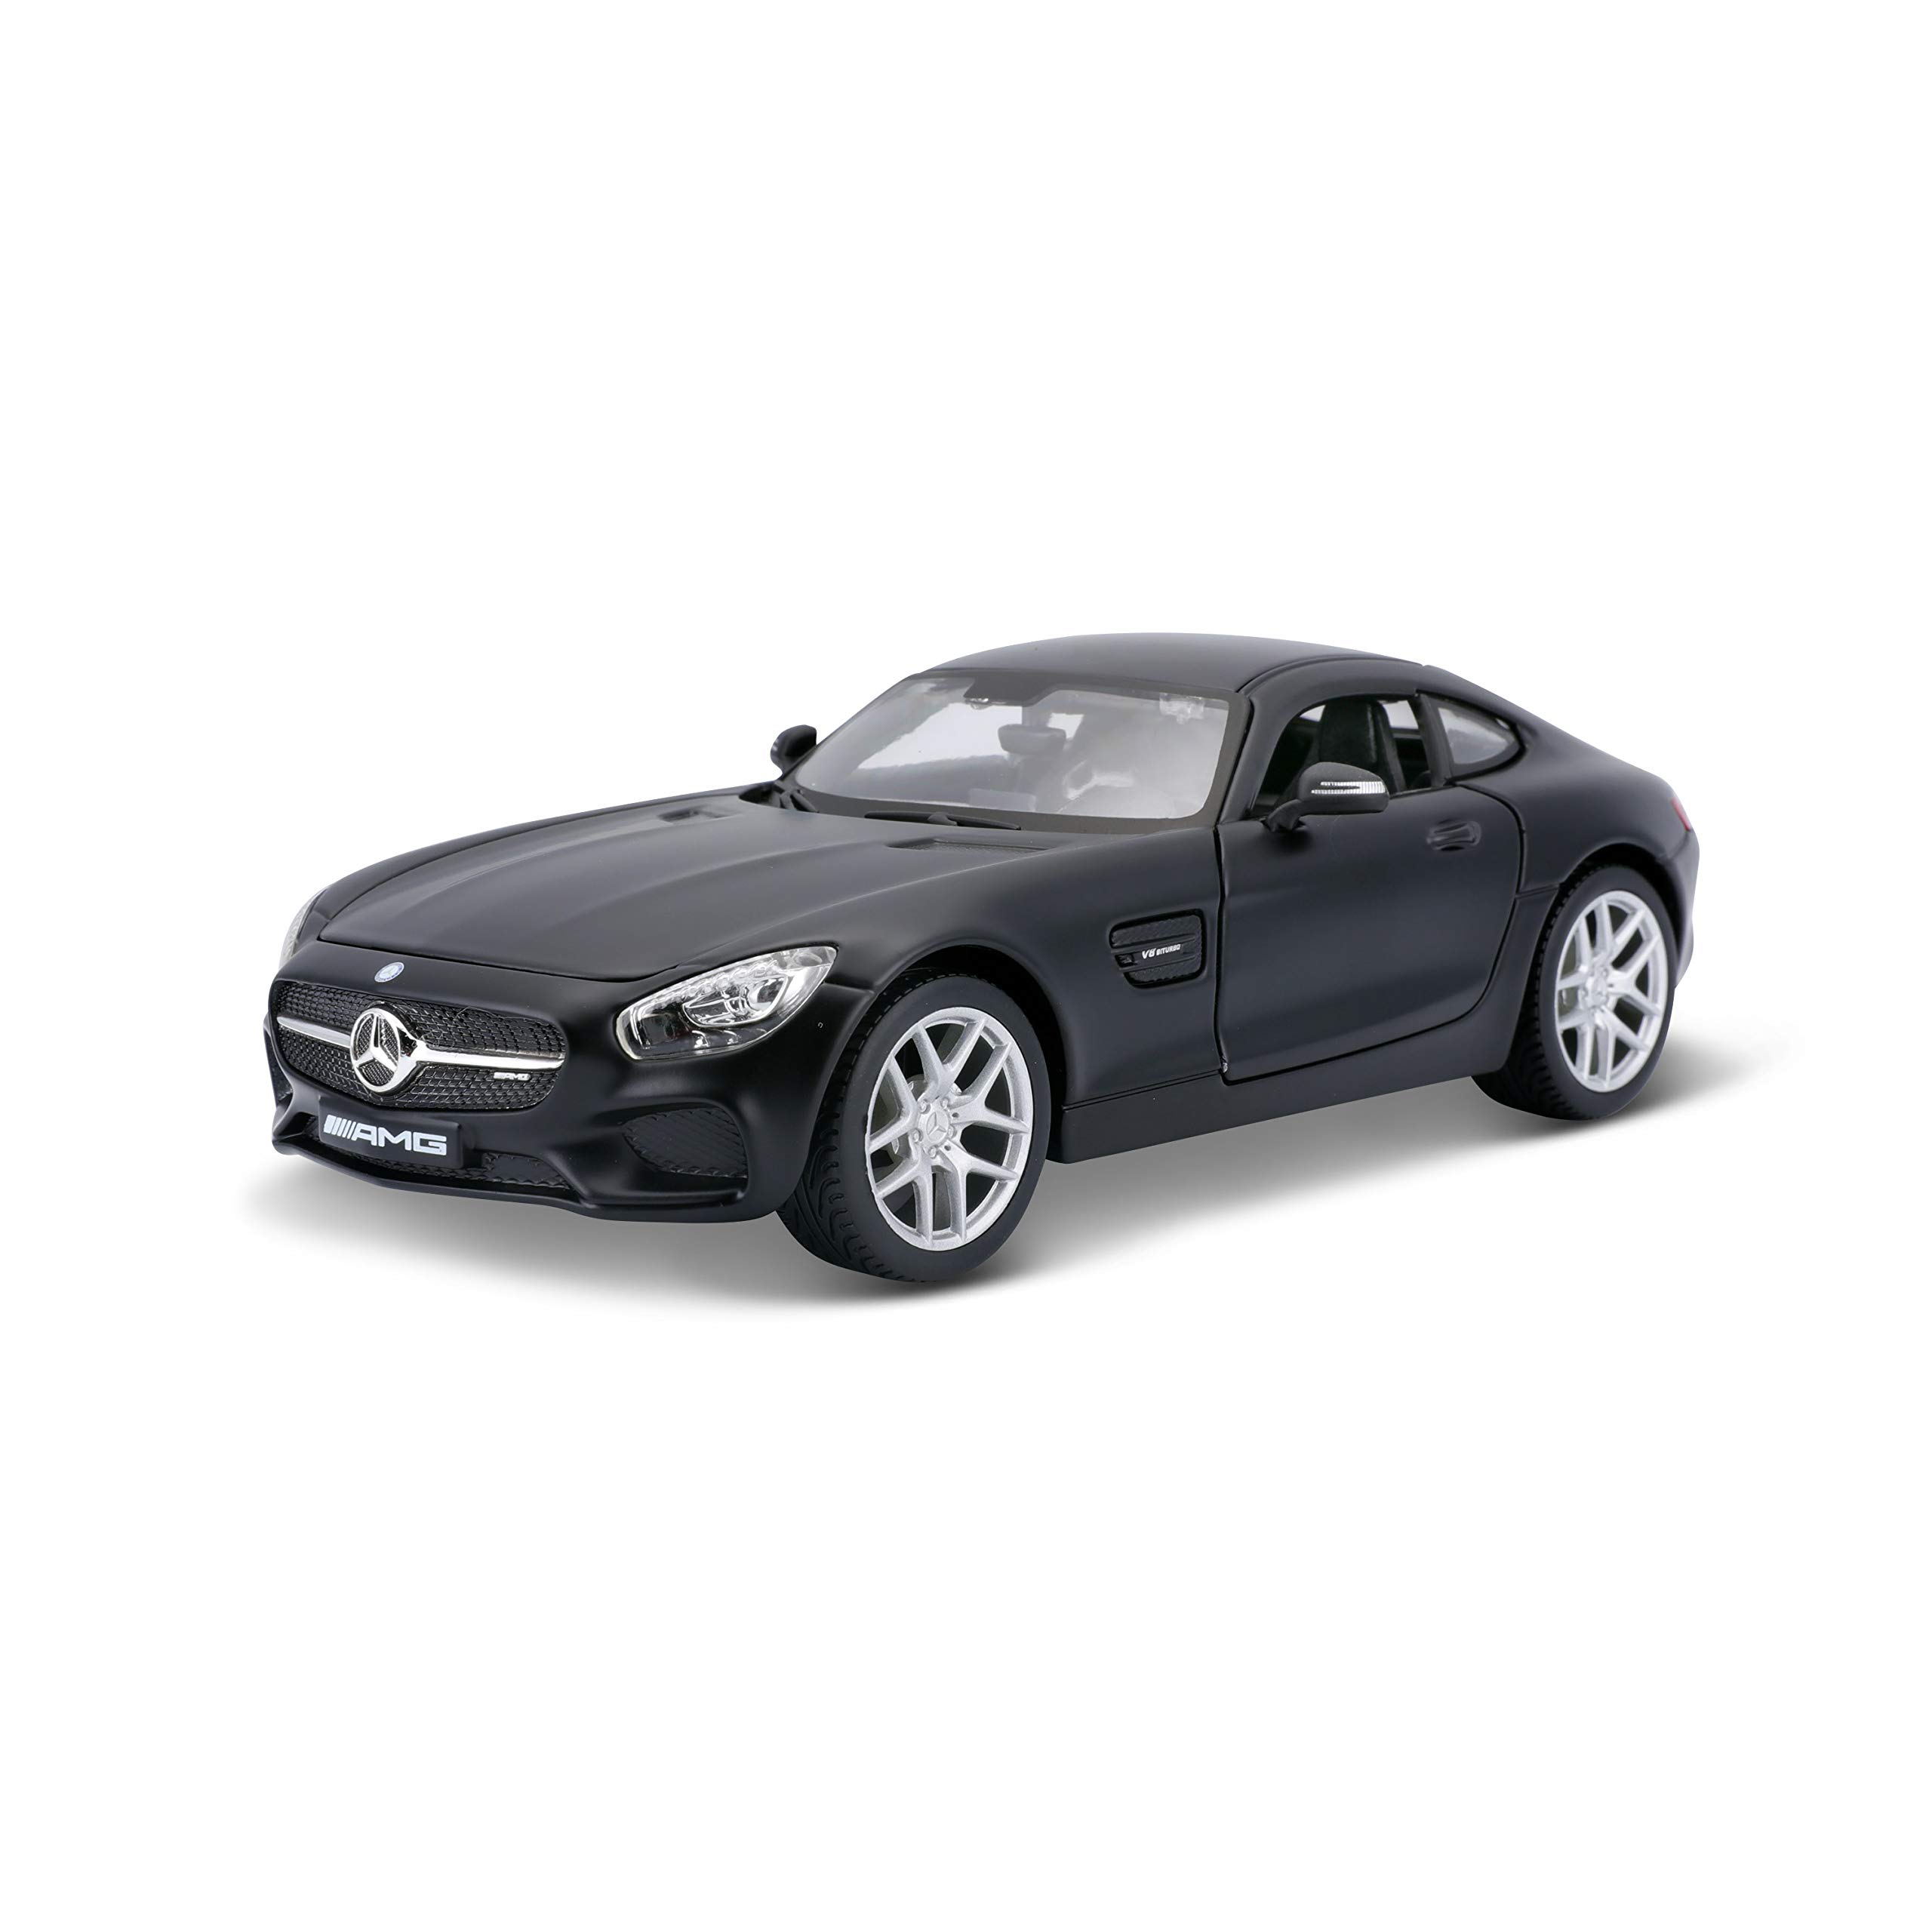 Tobar M31134B 1:24 Mercedes-Benz AMG GT, Multi